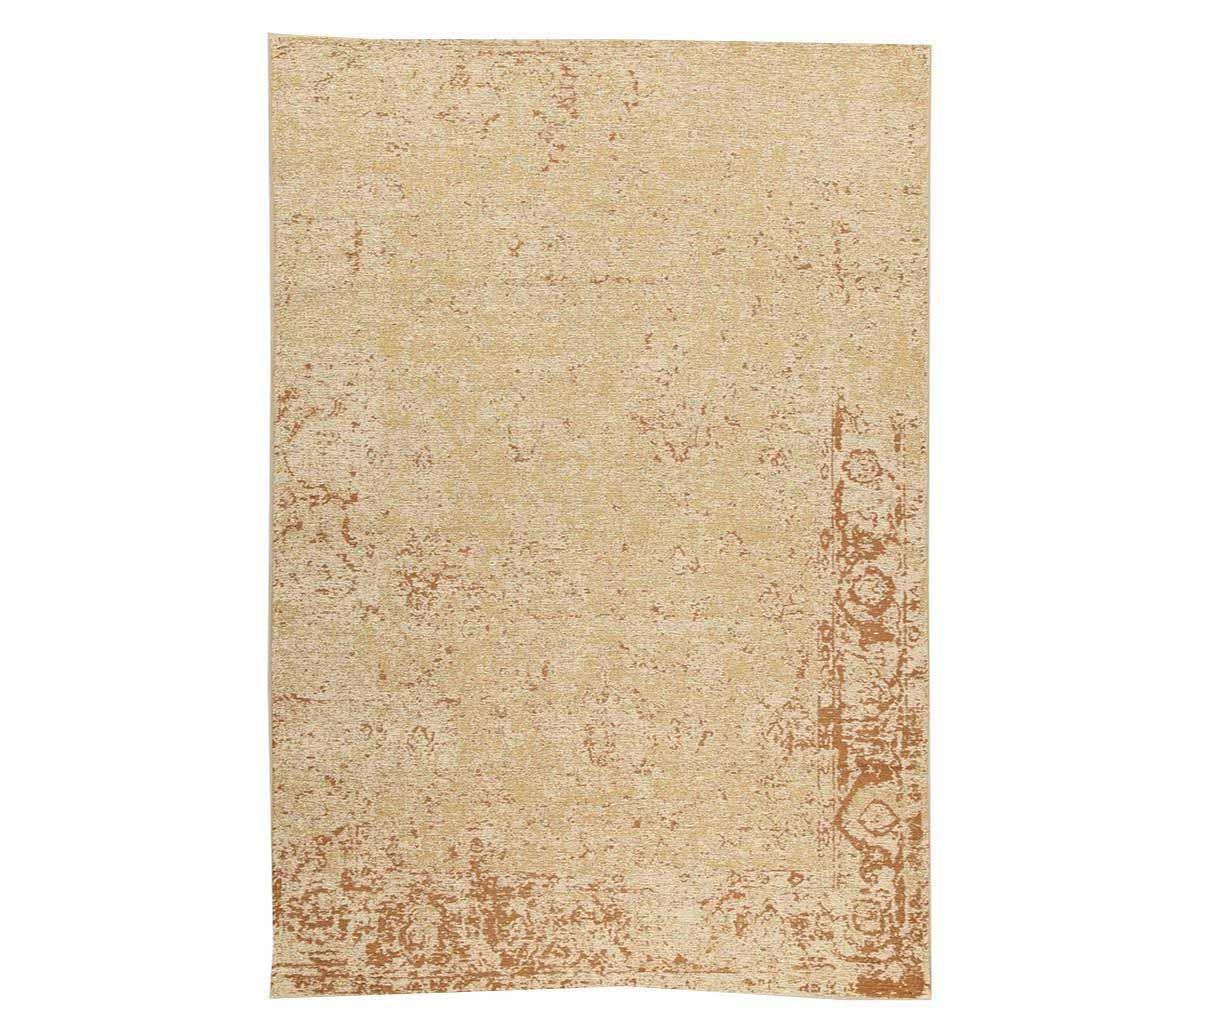 Velluto Agra Beige Szőnyeg 140x200 cm